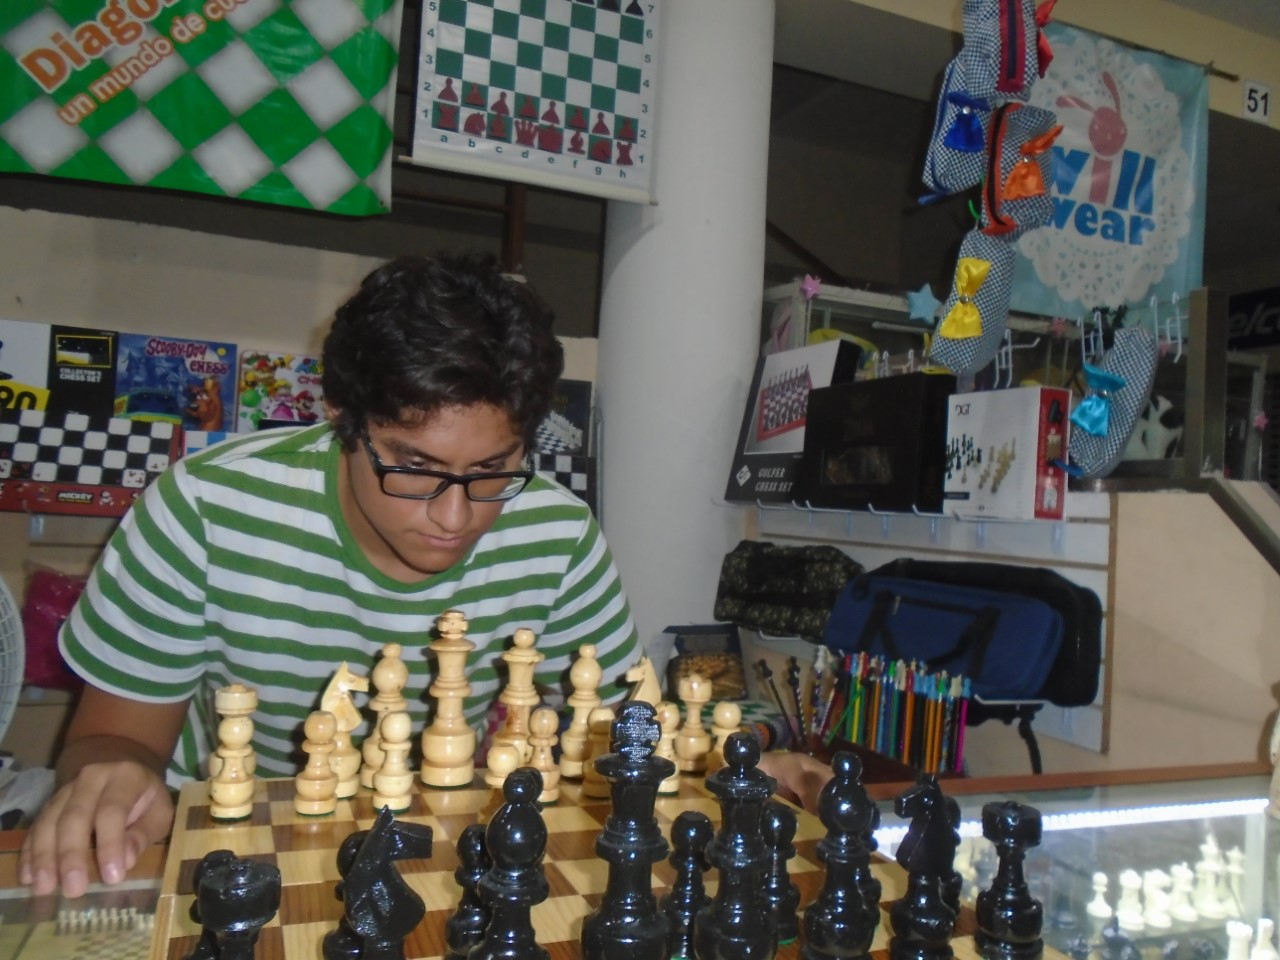 El joven estudiante Bruno Sebastián Lugo Solís, quien encabeza el Comité Organizador, informó que la competencia, que será de una sola categoría, constará de cinco rondas, a un ritmo de 15 minutos por jugador para toda la partida más cinco segundos adicionales por cada movida.